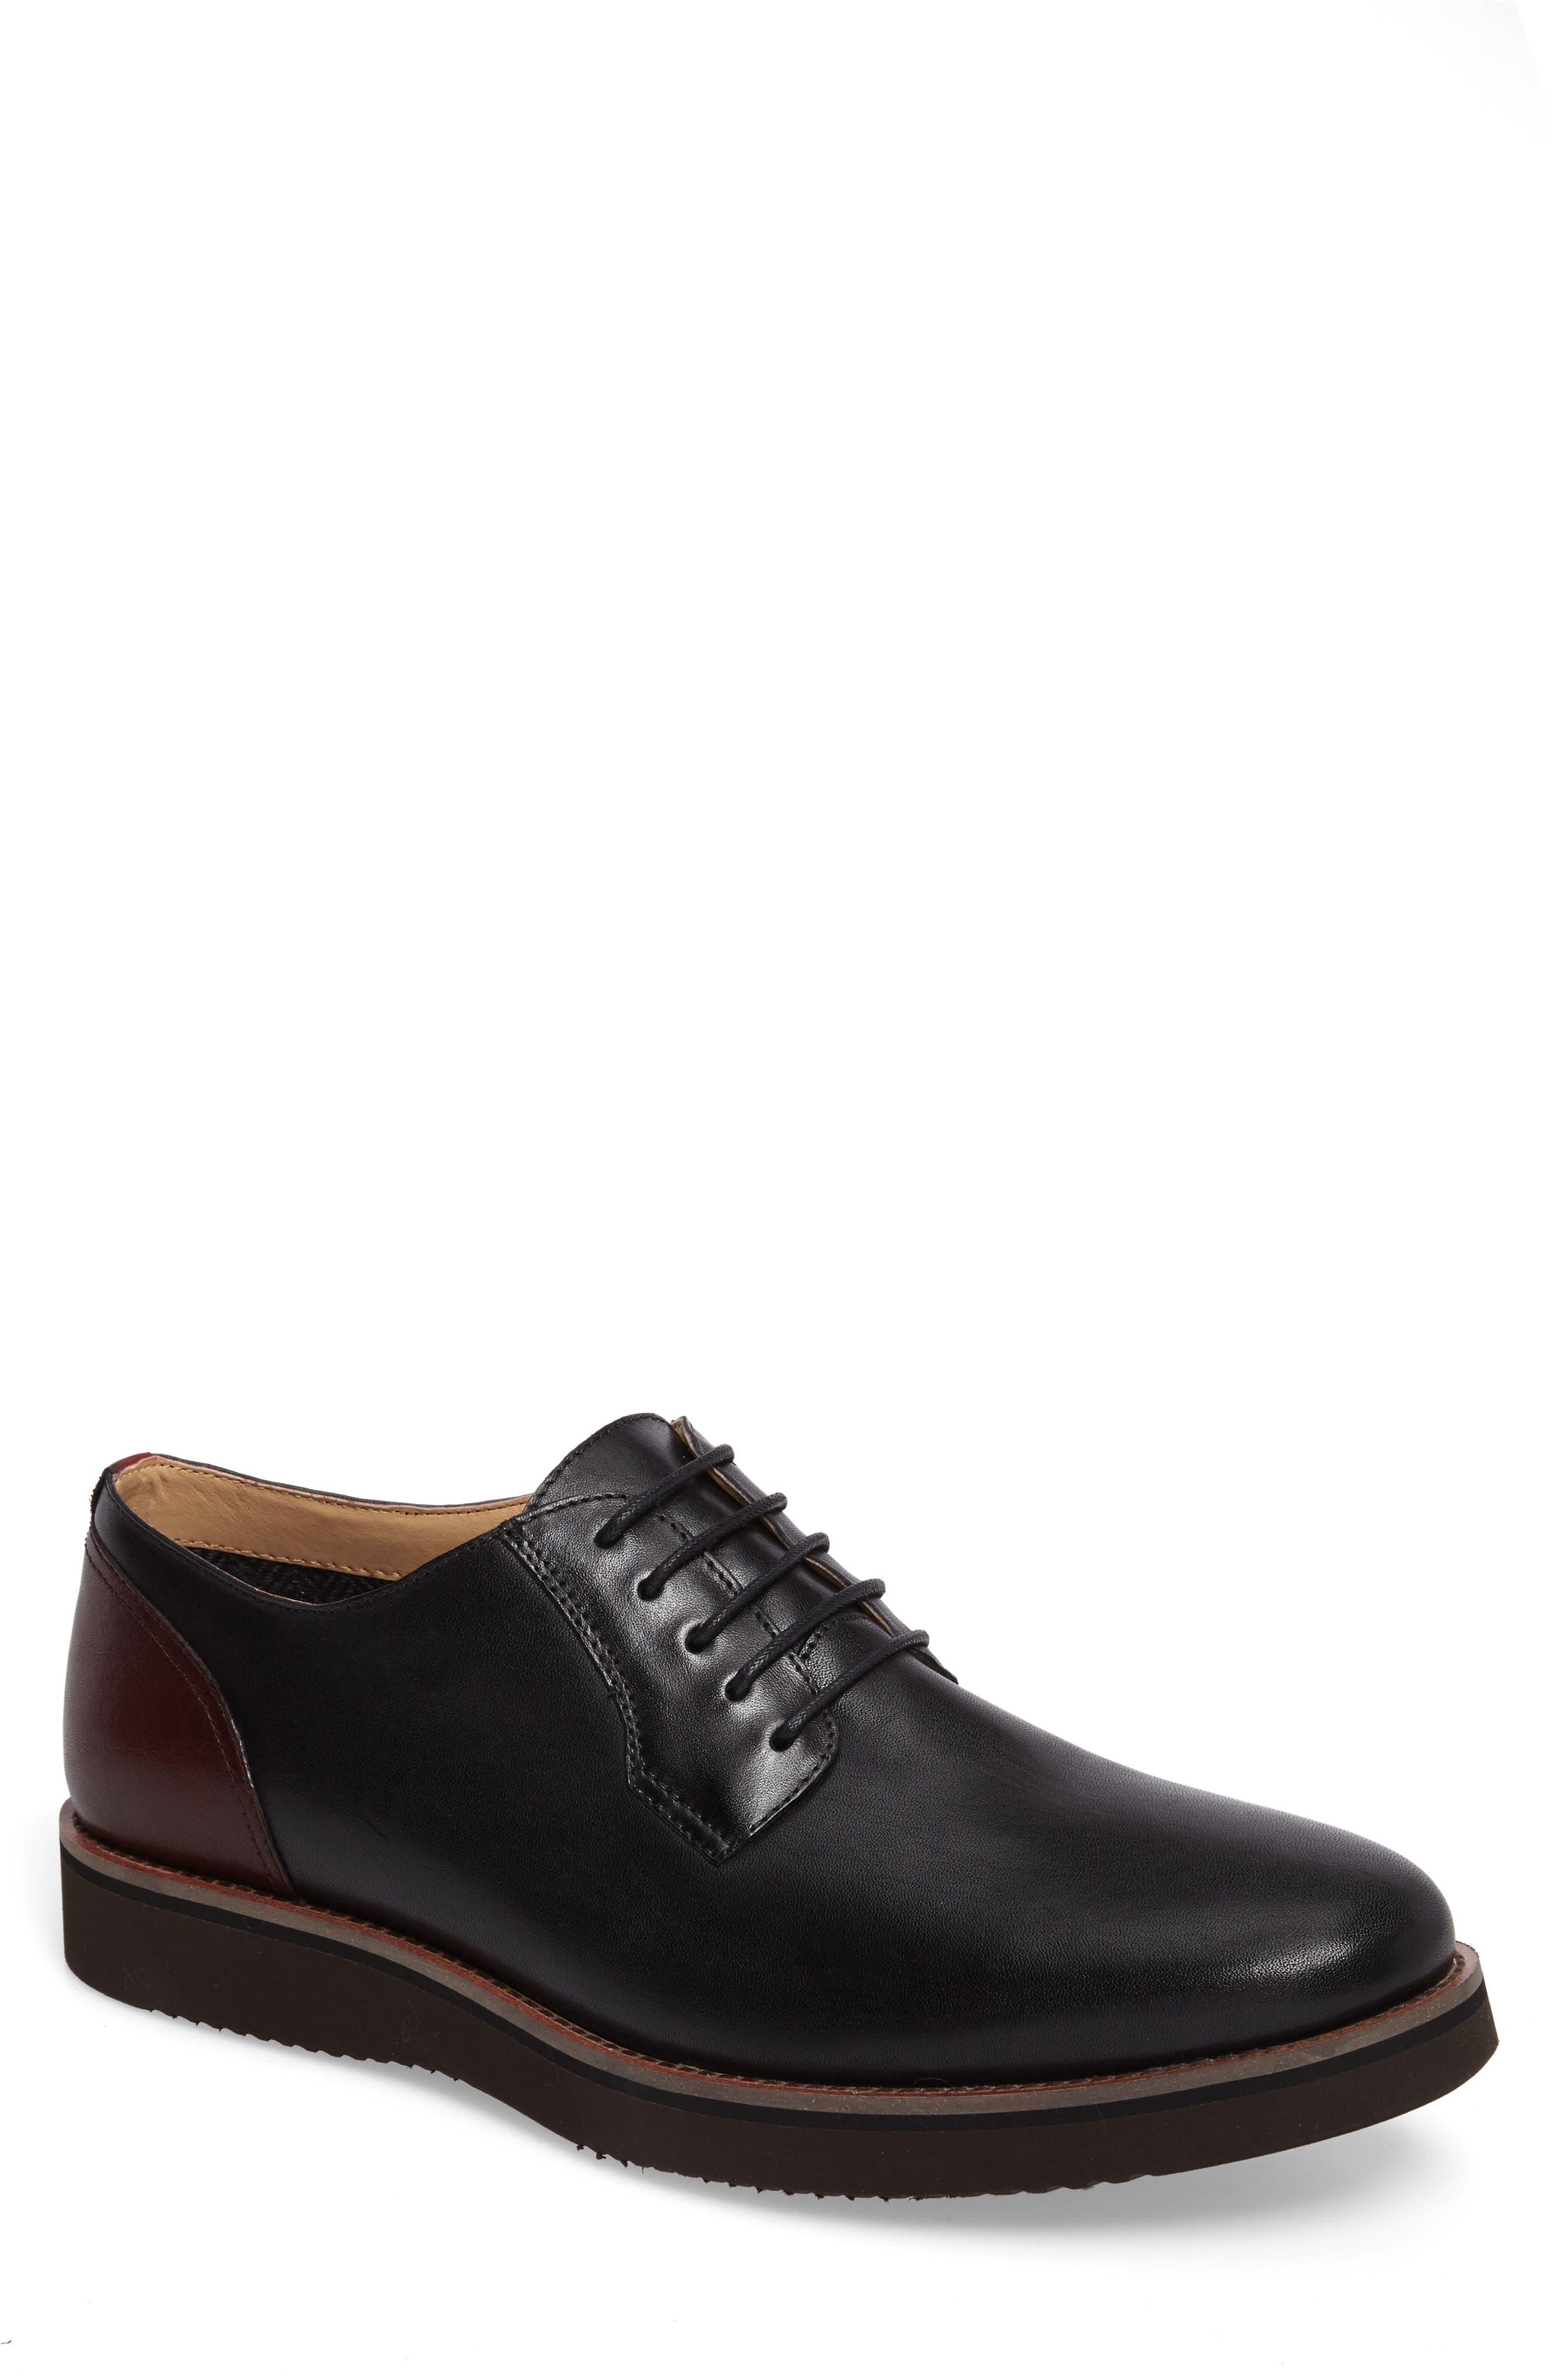 Saxon Plain Toe Derby,                         Main,                         color, Black Leather